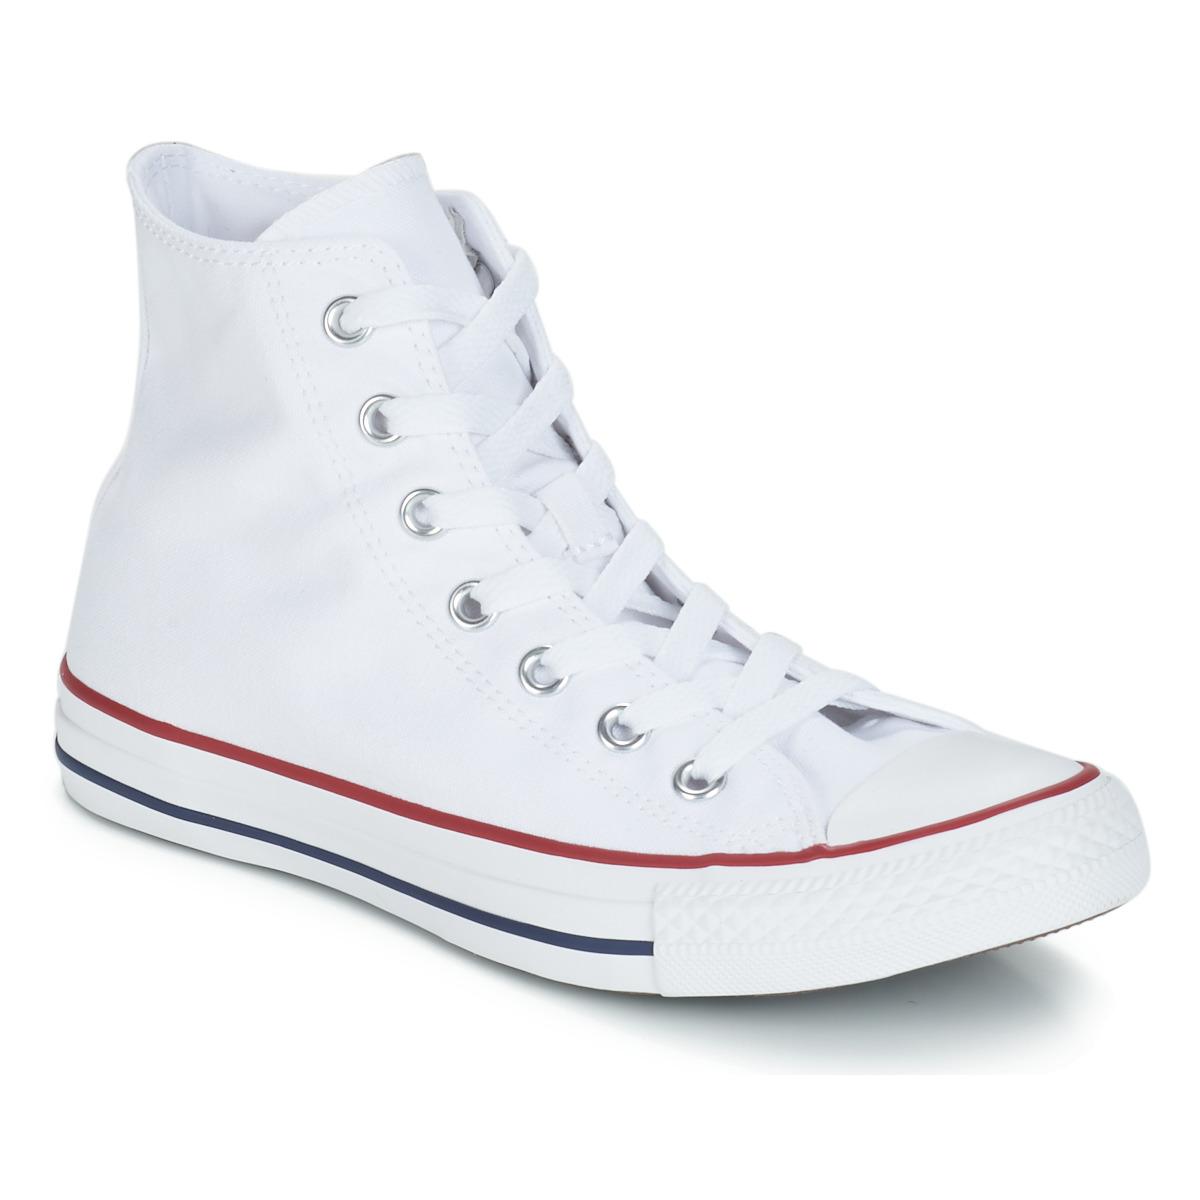 Converse CHUCK TAYLOR ALL STAR CORE HI White - Ilmainen toimitus  osoitteessa Spartoo.fi! ! - kengät Korkeavartiset tennarit 71 417bbbb0c6